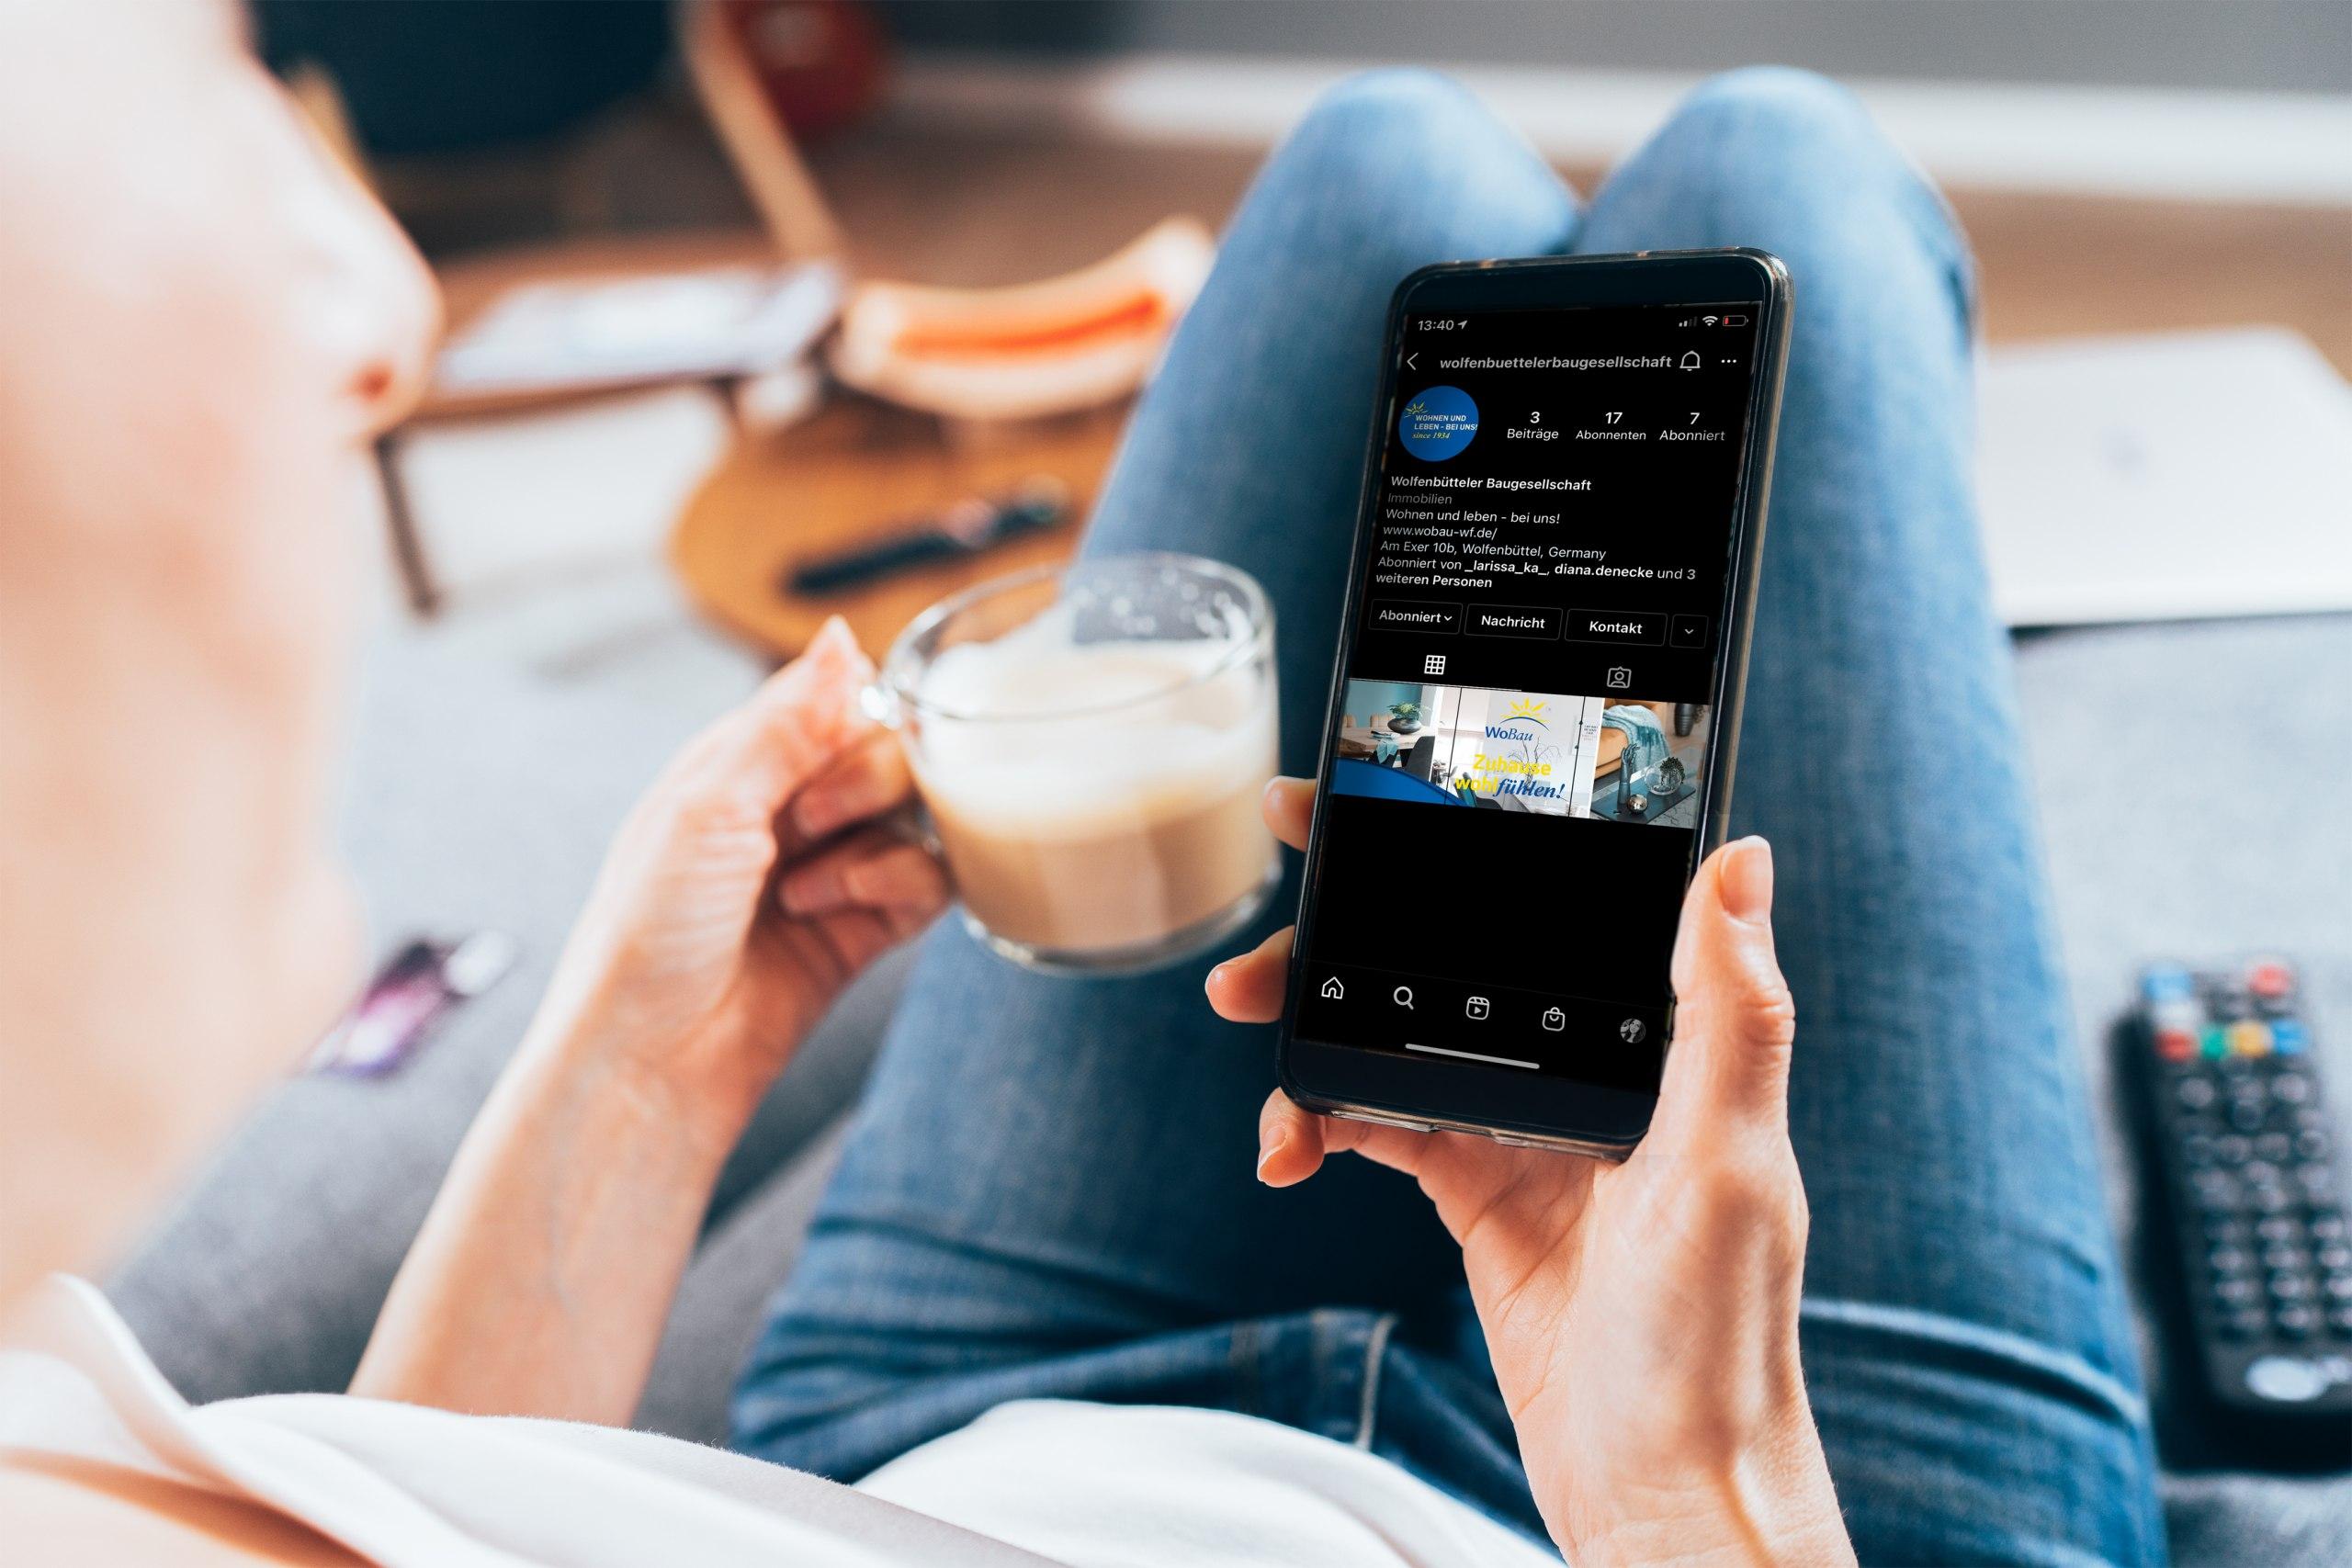 Die WoBau geht ab sofort den Schritt in die sozialen Netzwerke. Auf Facebook und Instagram können Sie unser Unternehmen und die Menschen dahinter besser kennenlernen.